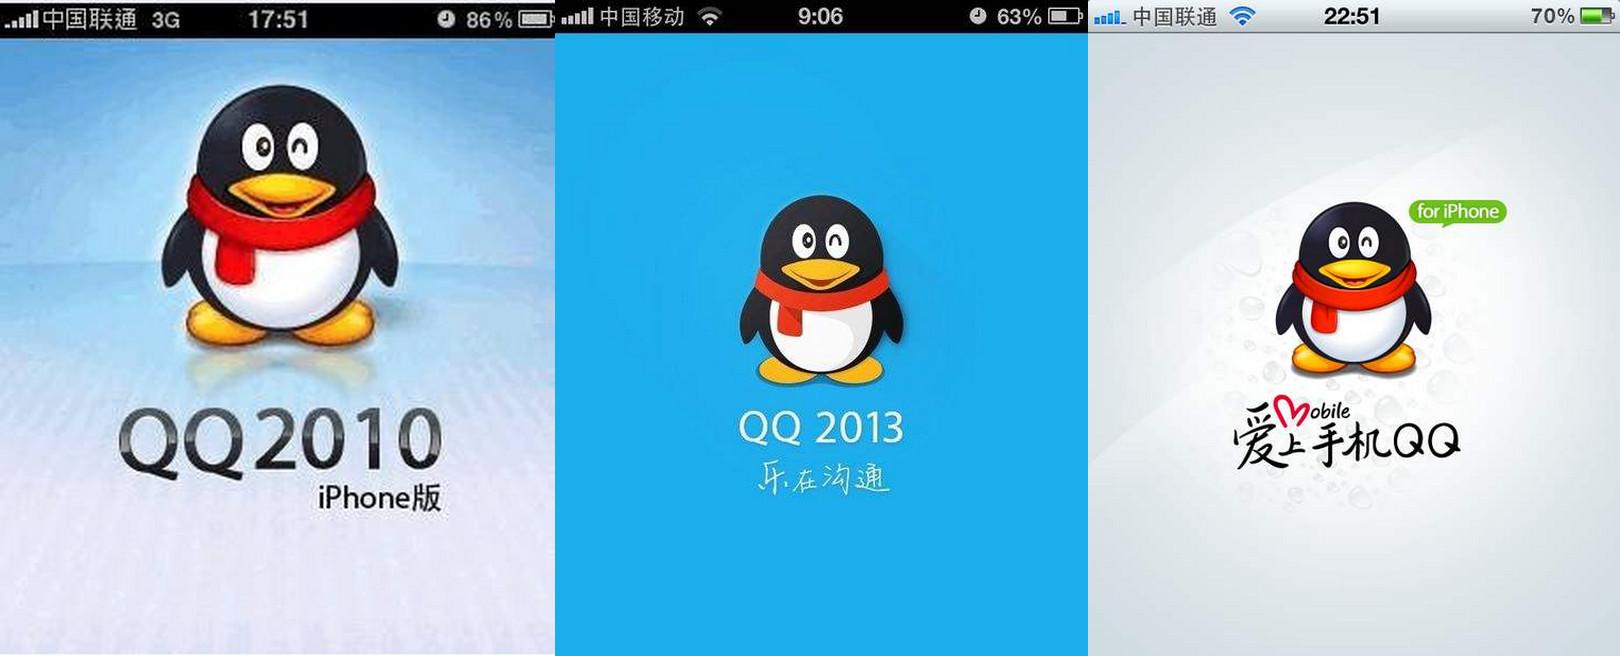 iOS 版 QQ 更新,可实时查看对方手机电量